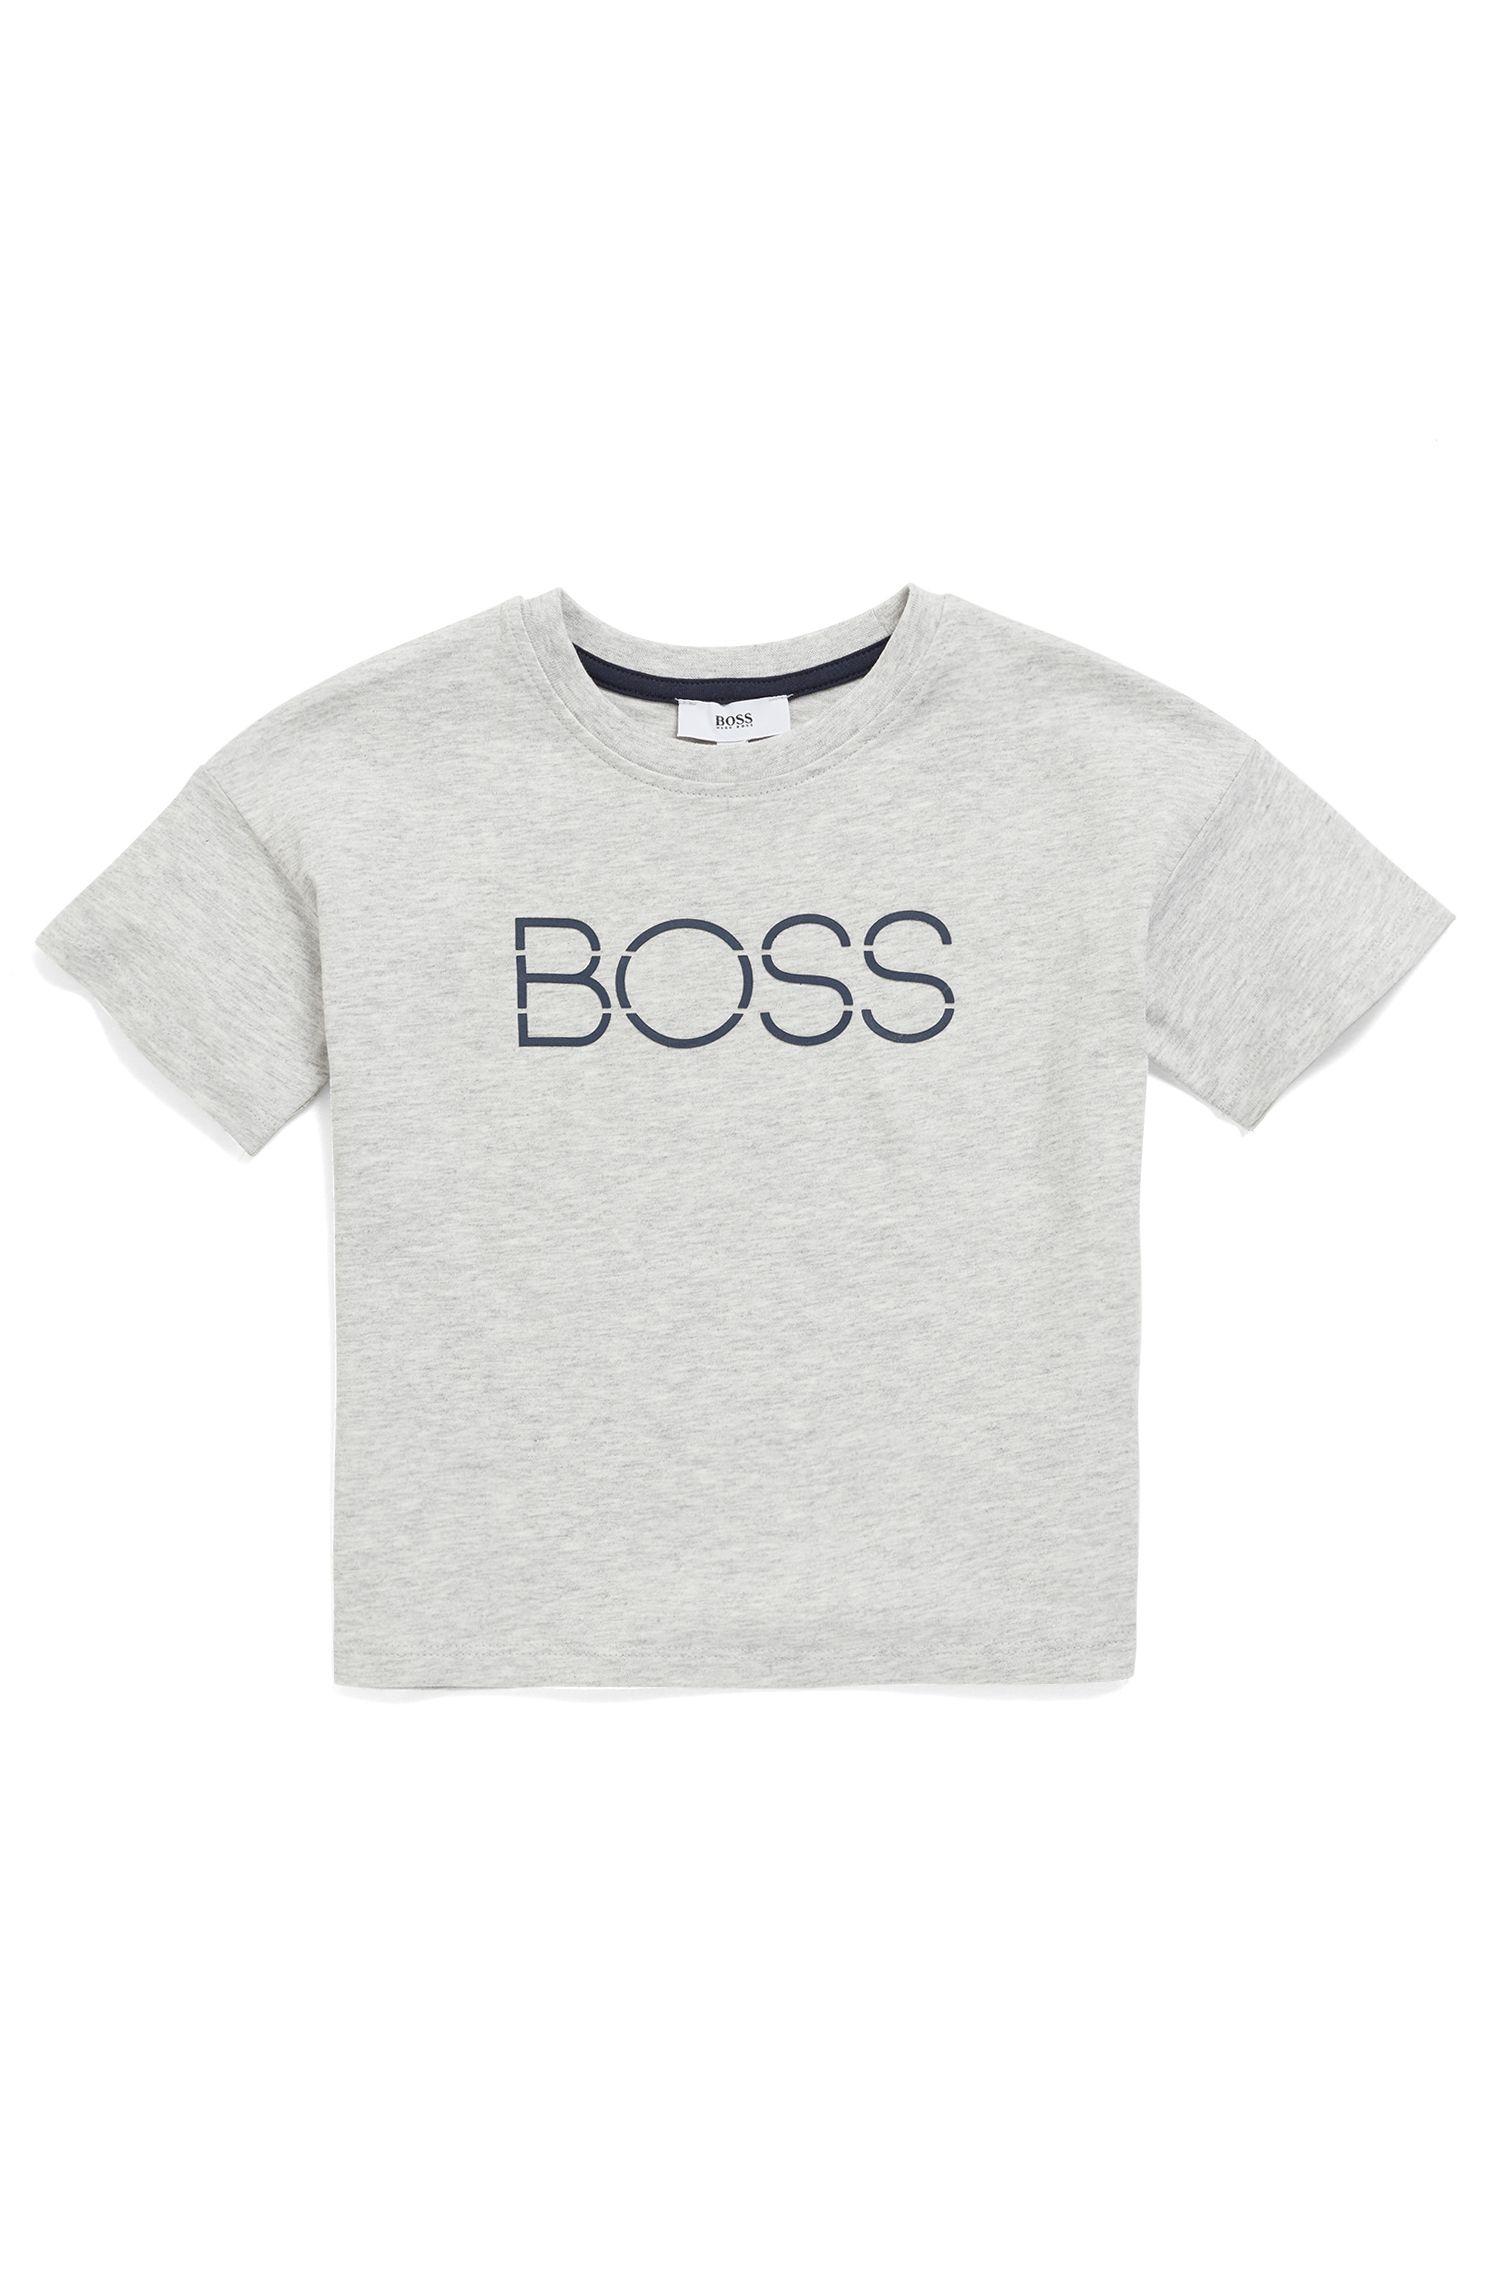 Kids-T-Shirt aus melierter Baumwolle mit Logo-Print, Hellgrau